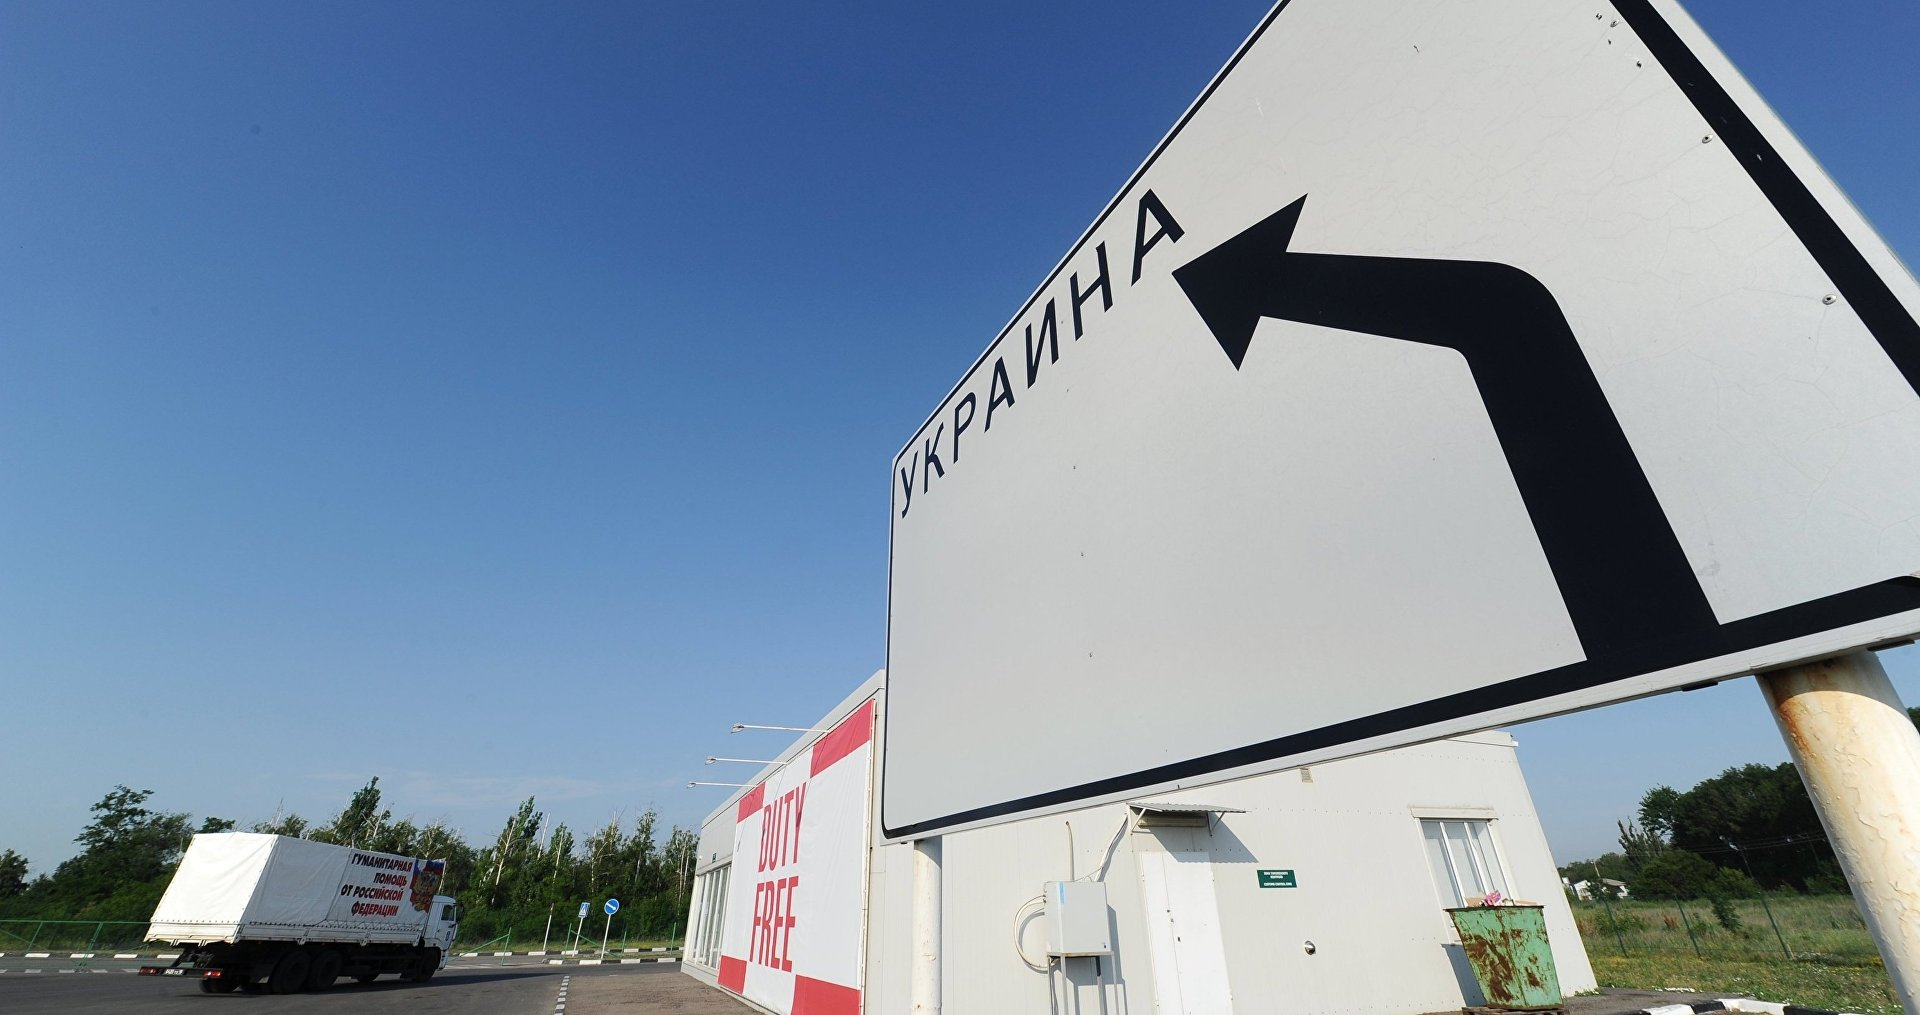 http://ukraina.ru/images/101357/43/1013574377.jpg